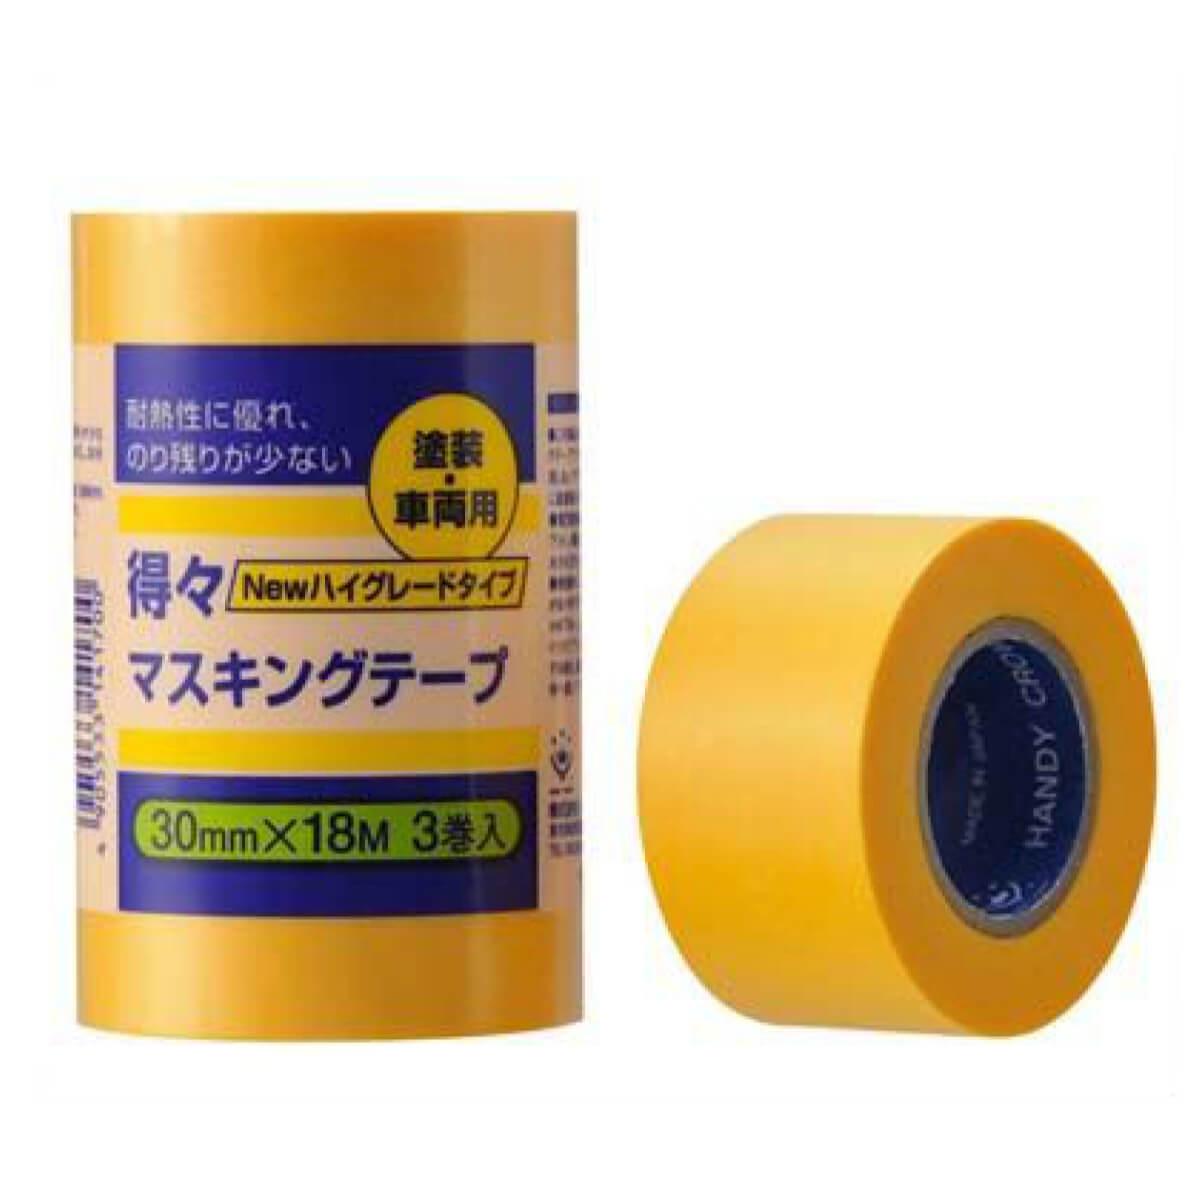 マスキングテープ 3巻入 幅30mm 長さ18m